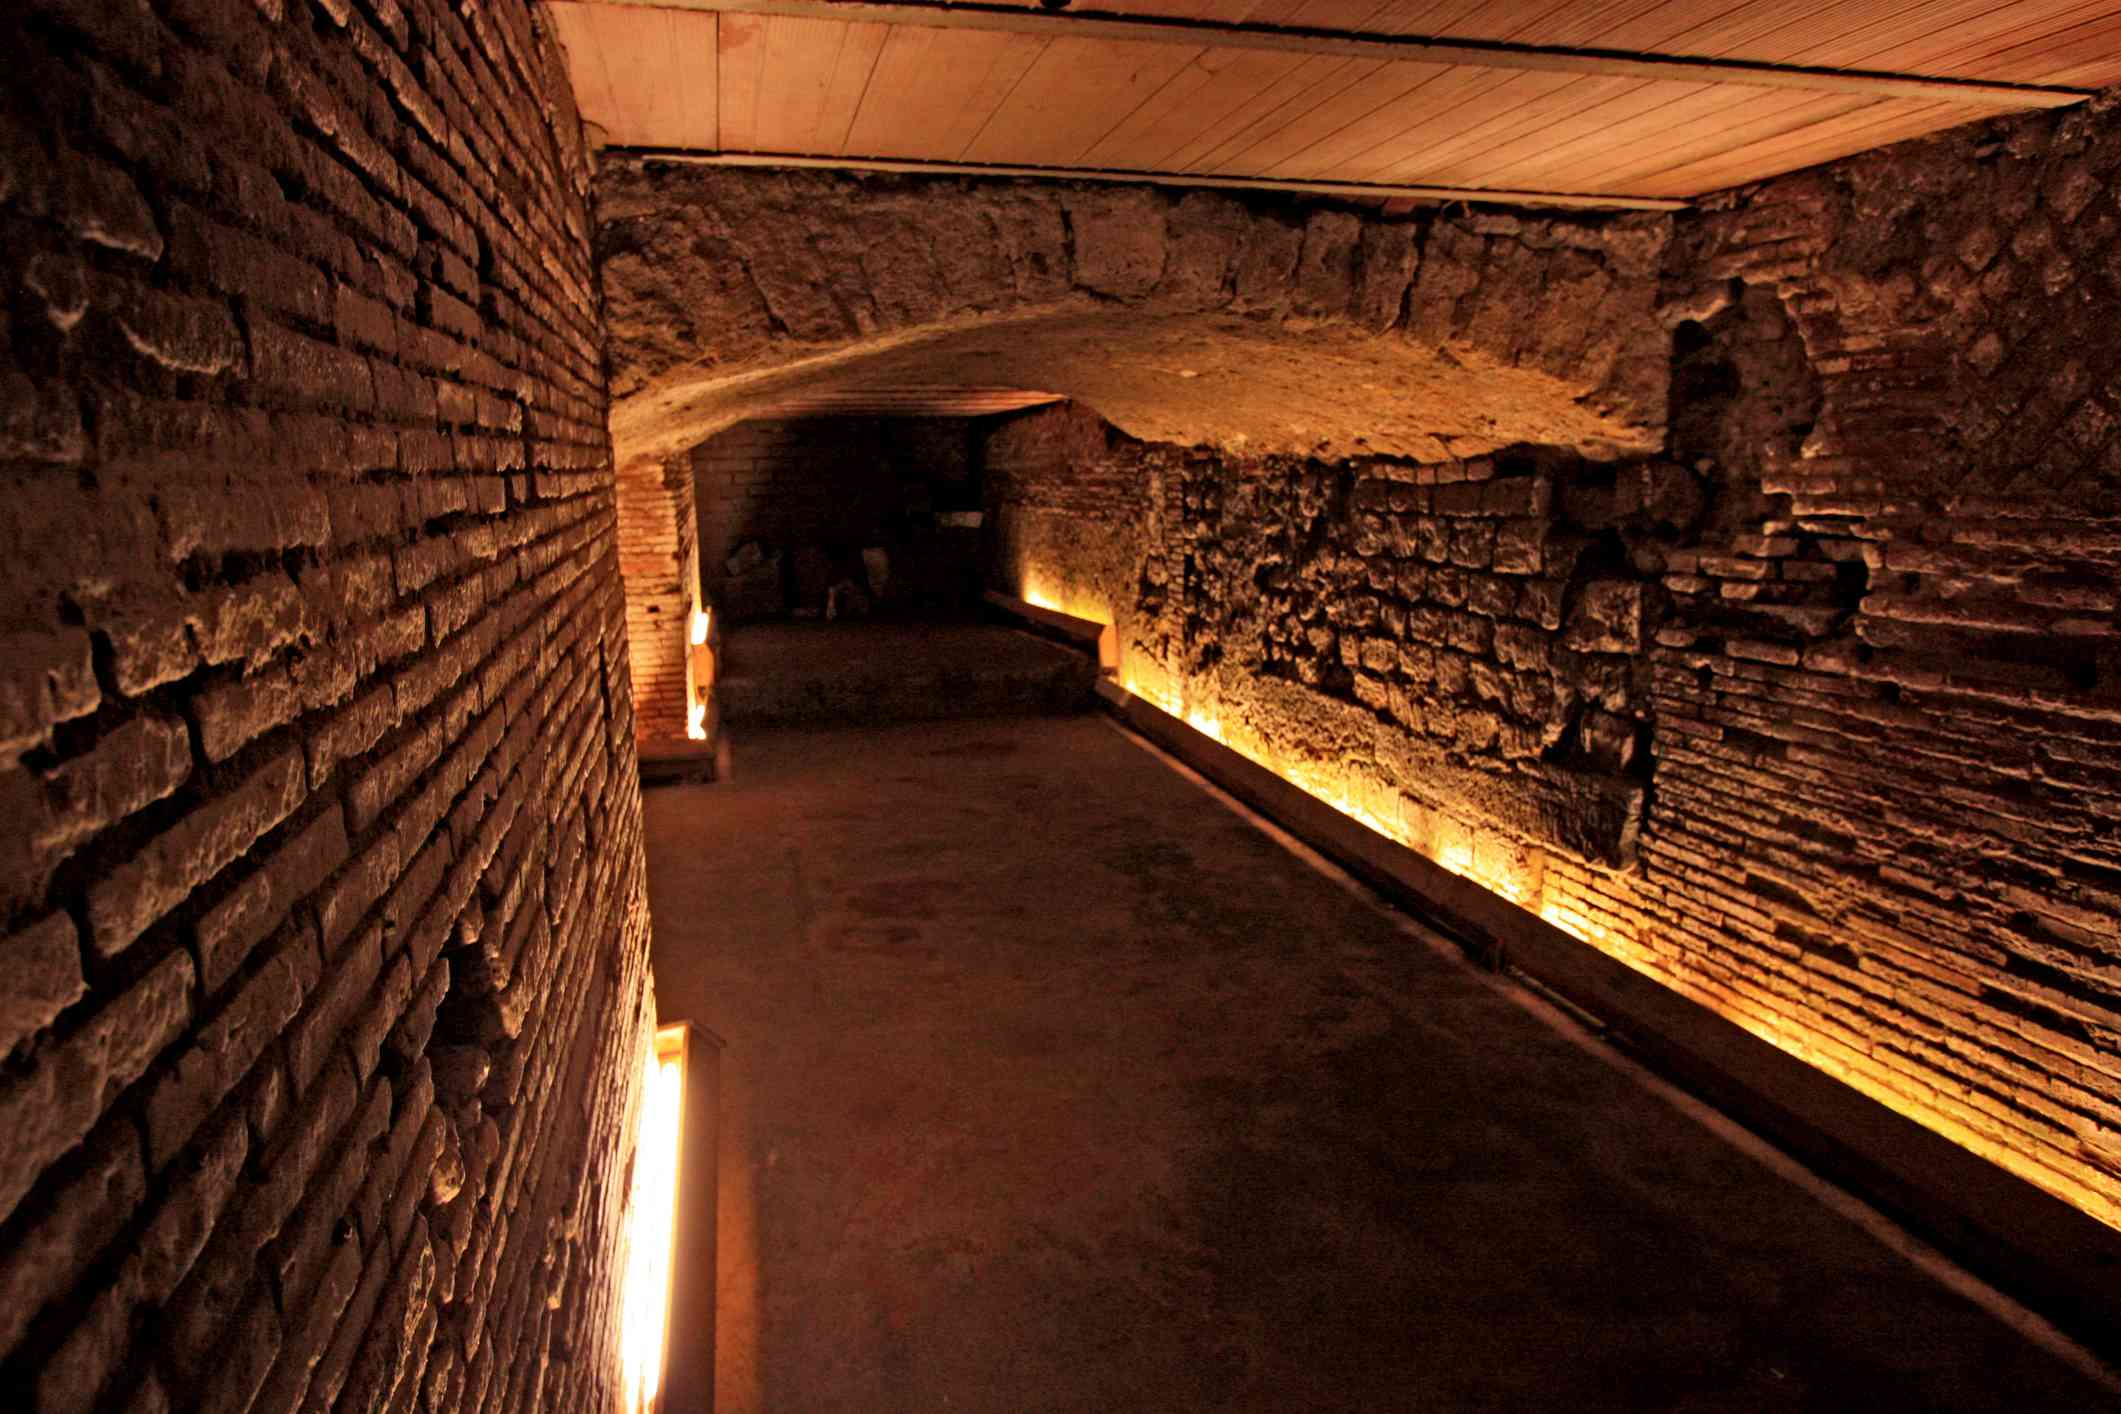 A tunnel in Napoli Sottoterranea